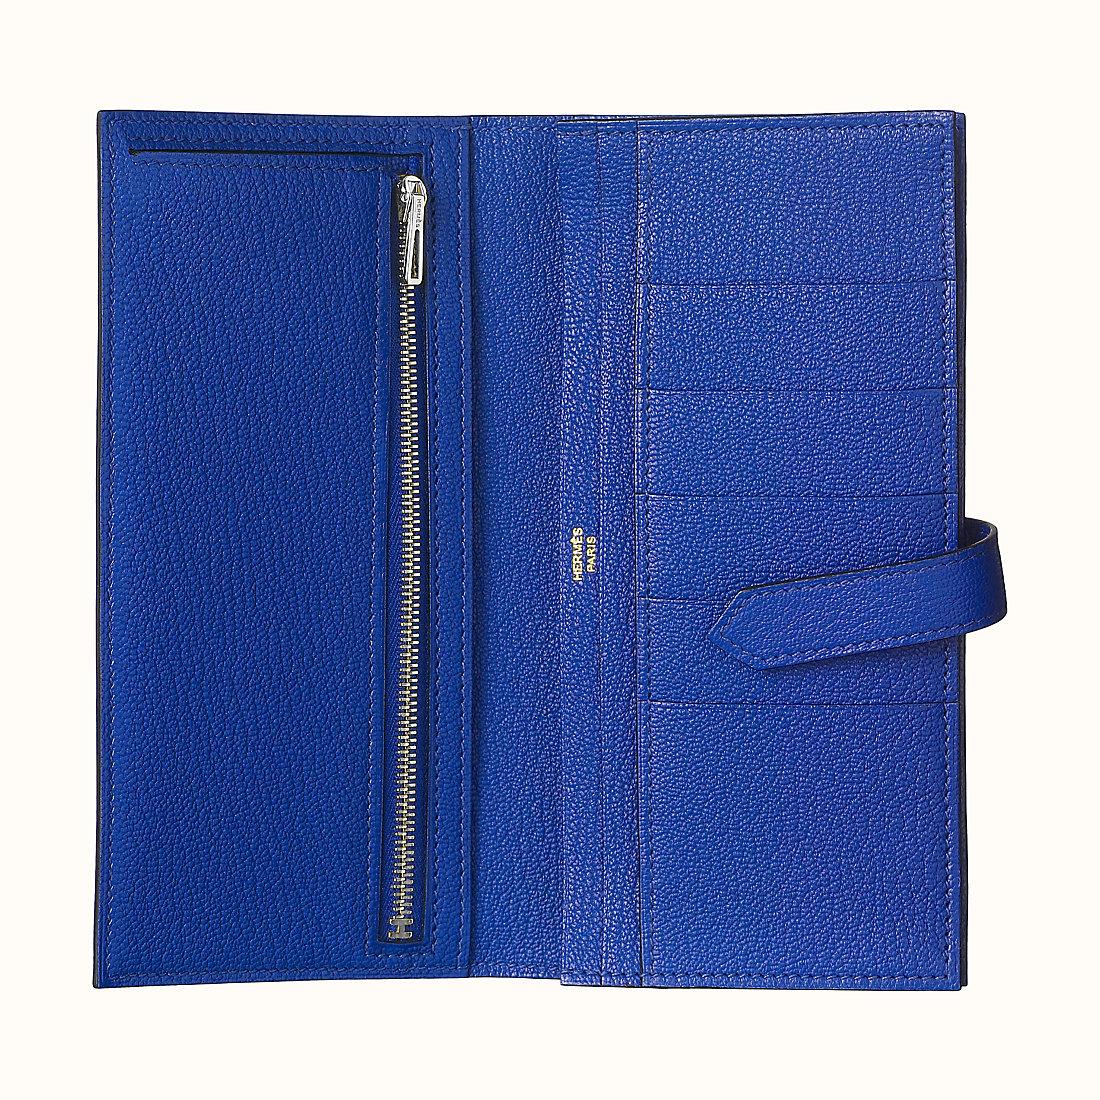 臺灣臺中市 Hermes Bearn wallet CK7T Bleu Électrique 電光藍 山羊皮